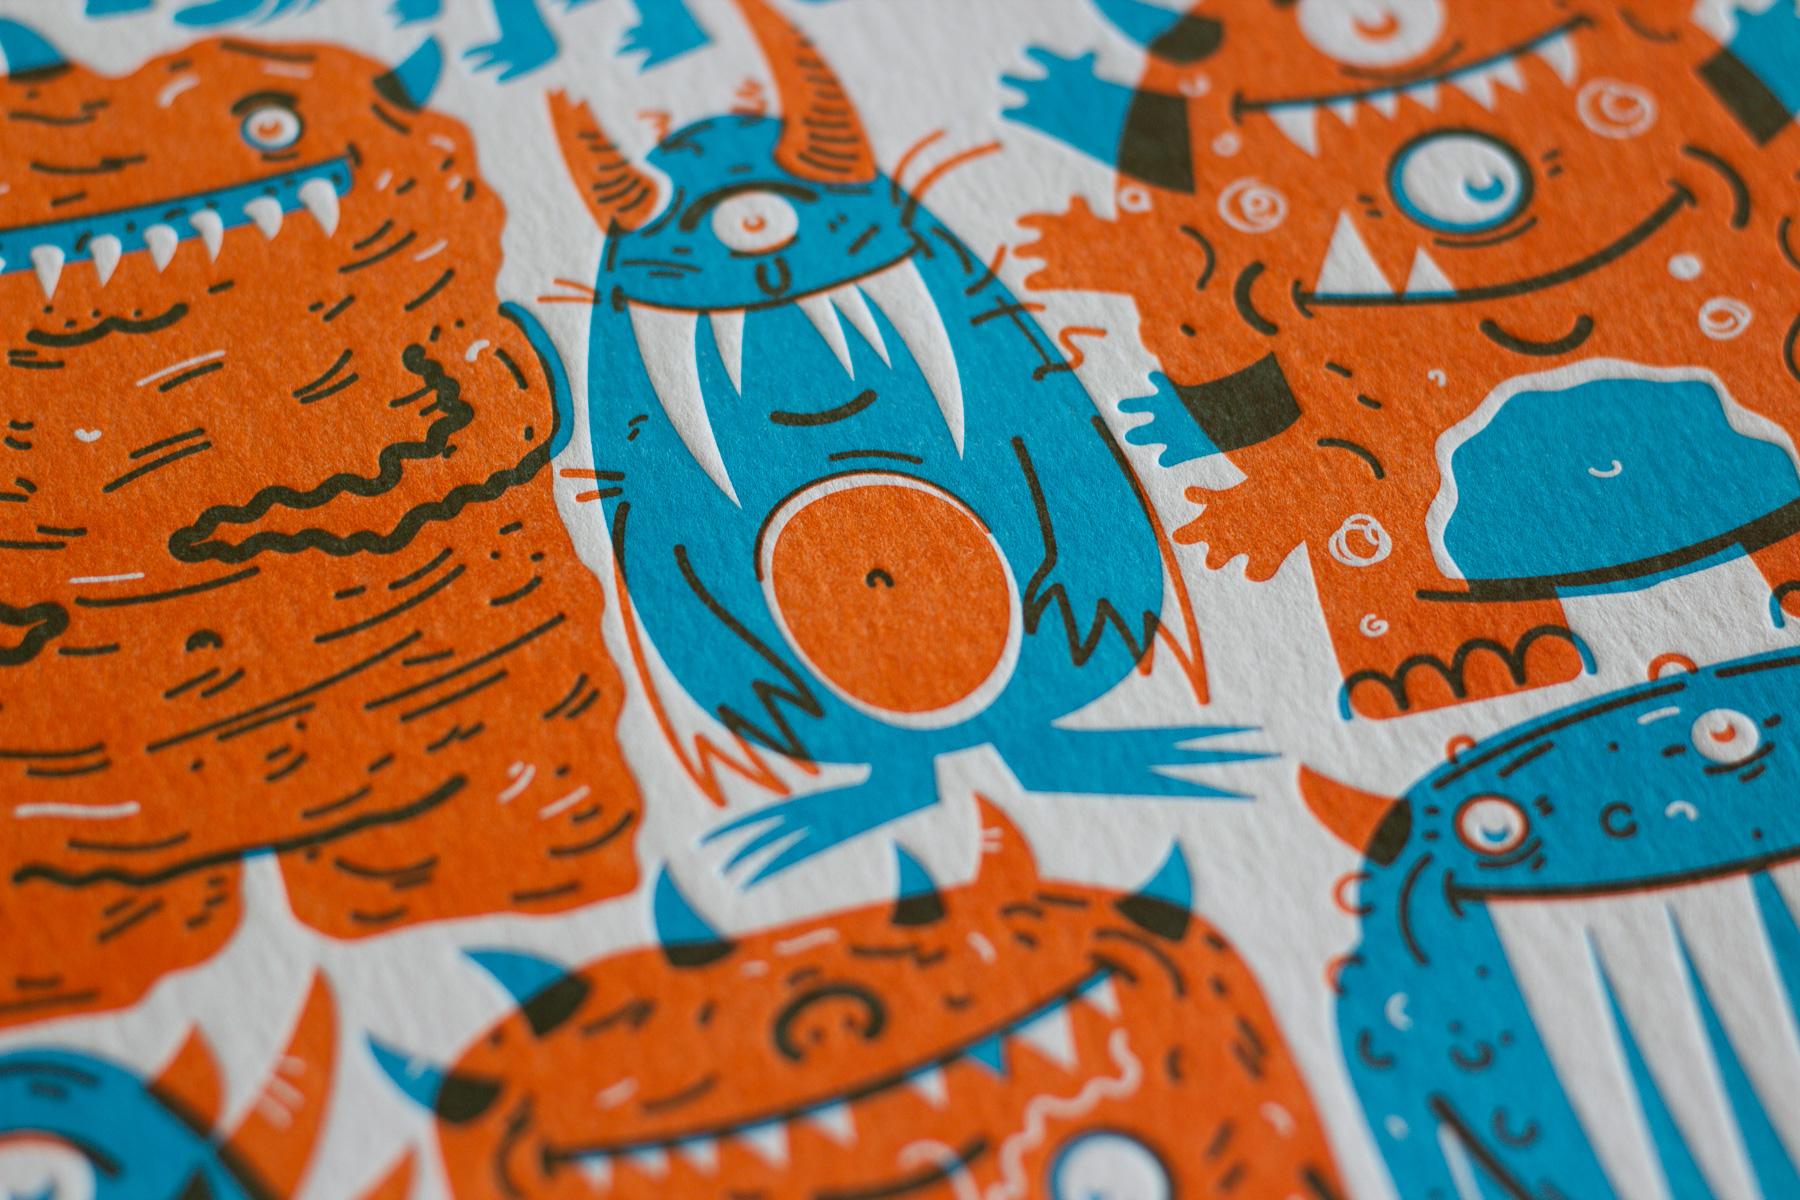 Michael Langenegger Monster Letterpress Art Print x Hungry Workshop-03